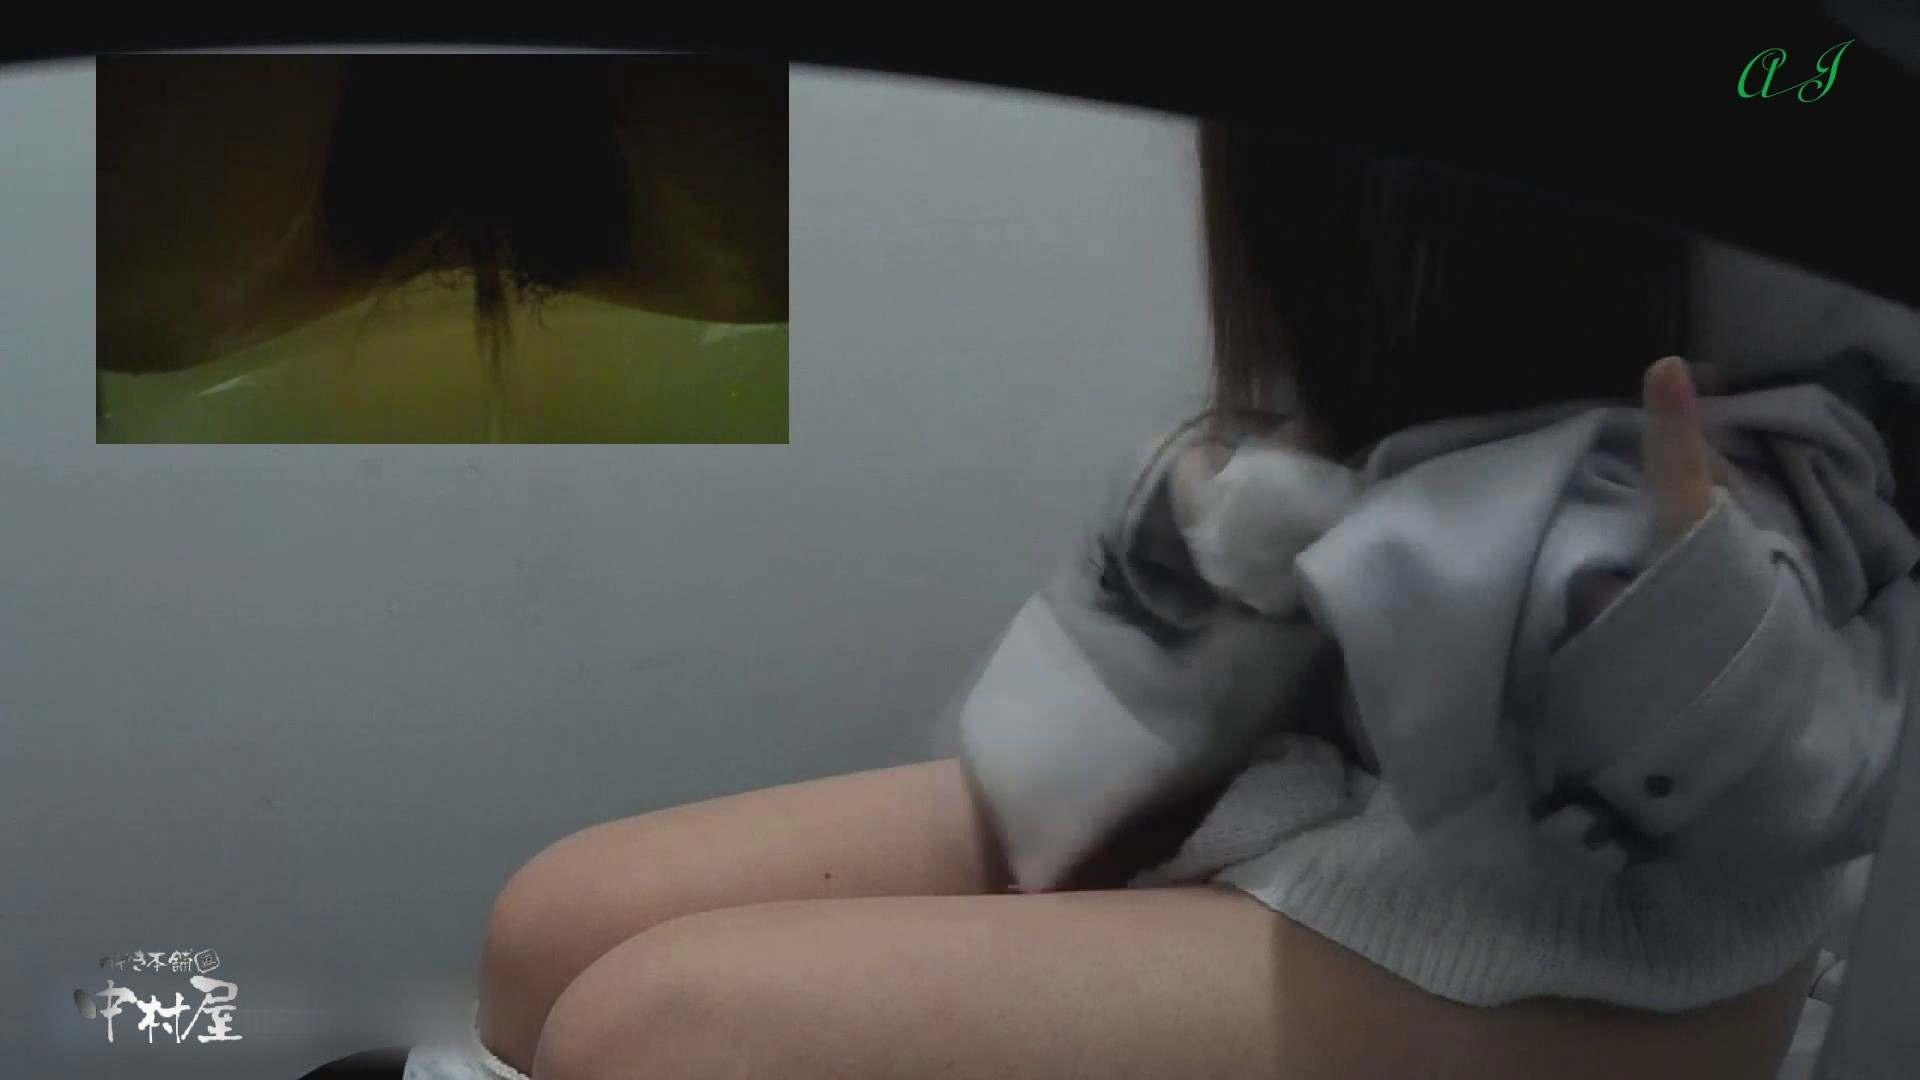 有名大学女性洗面所 vol.82 前編 洗面所編 のぞき動画キャプチャ 91PIX 68